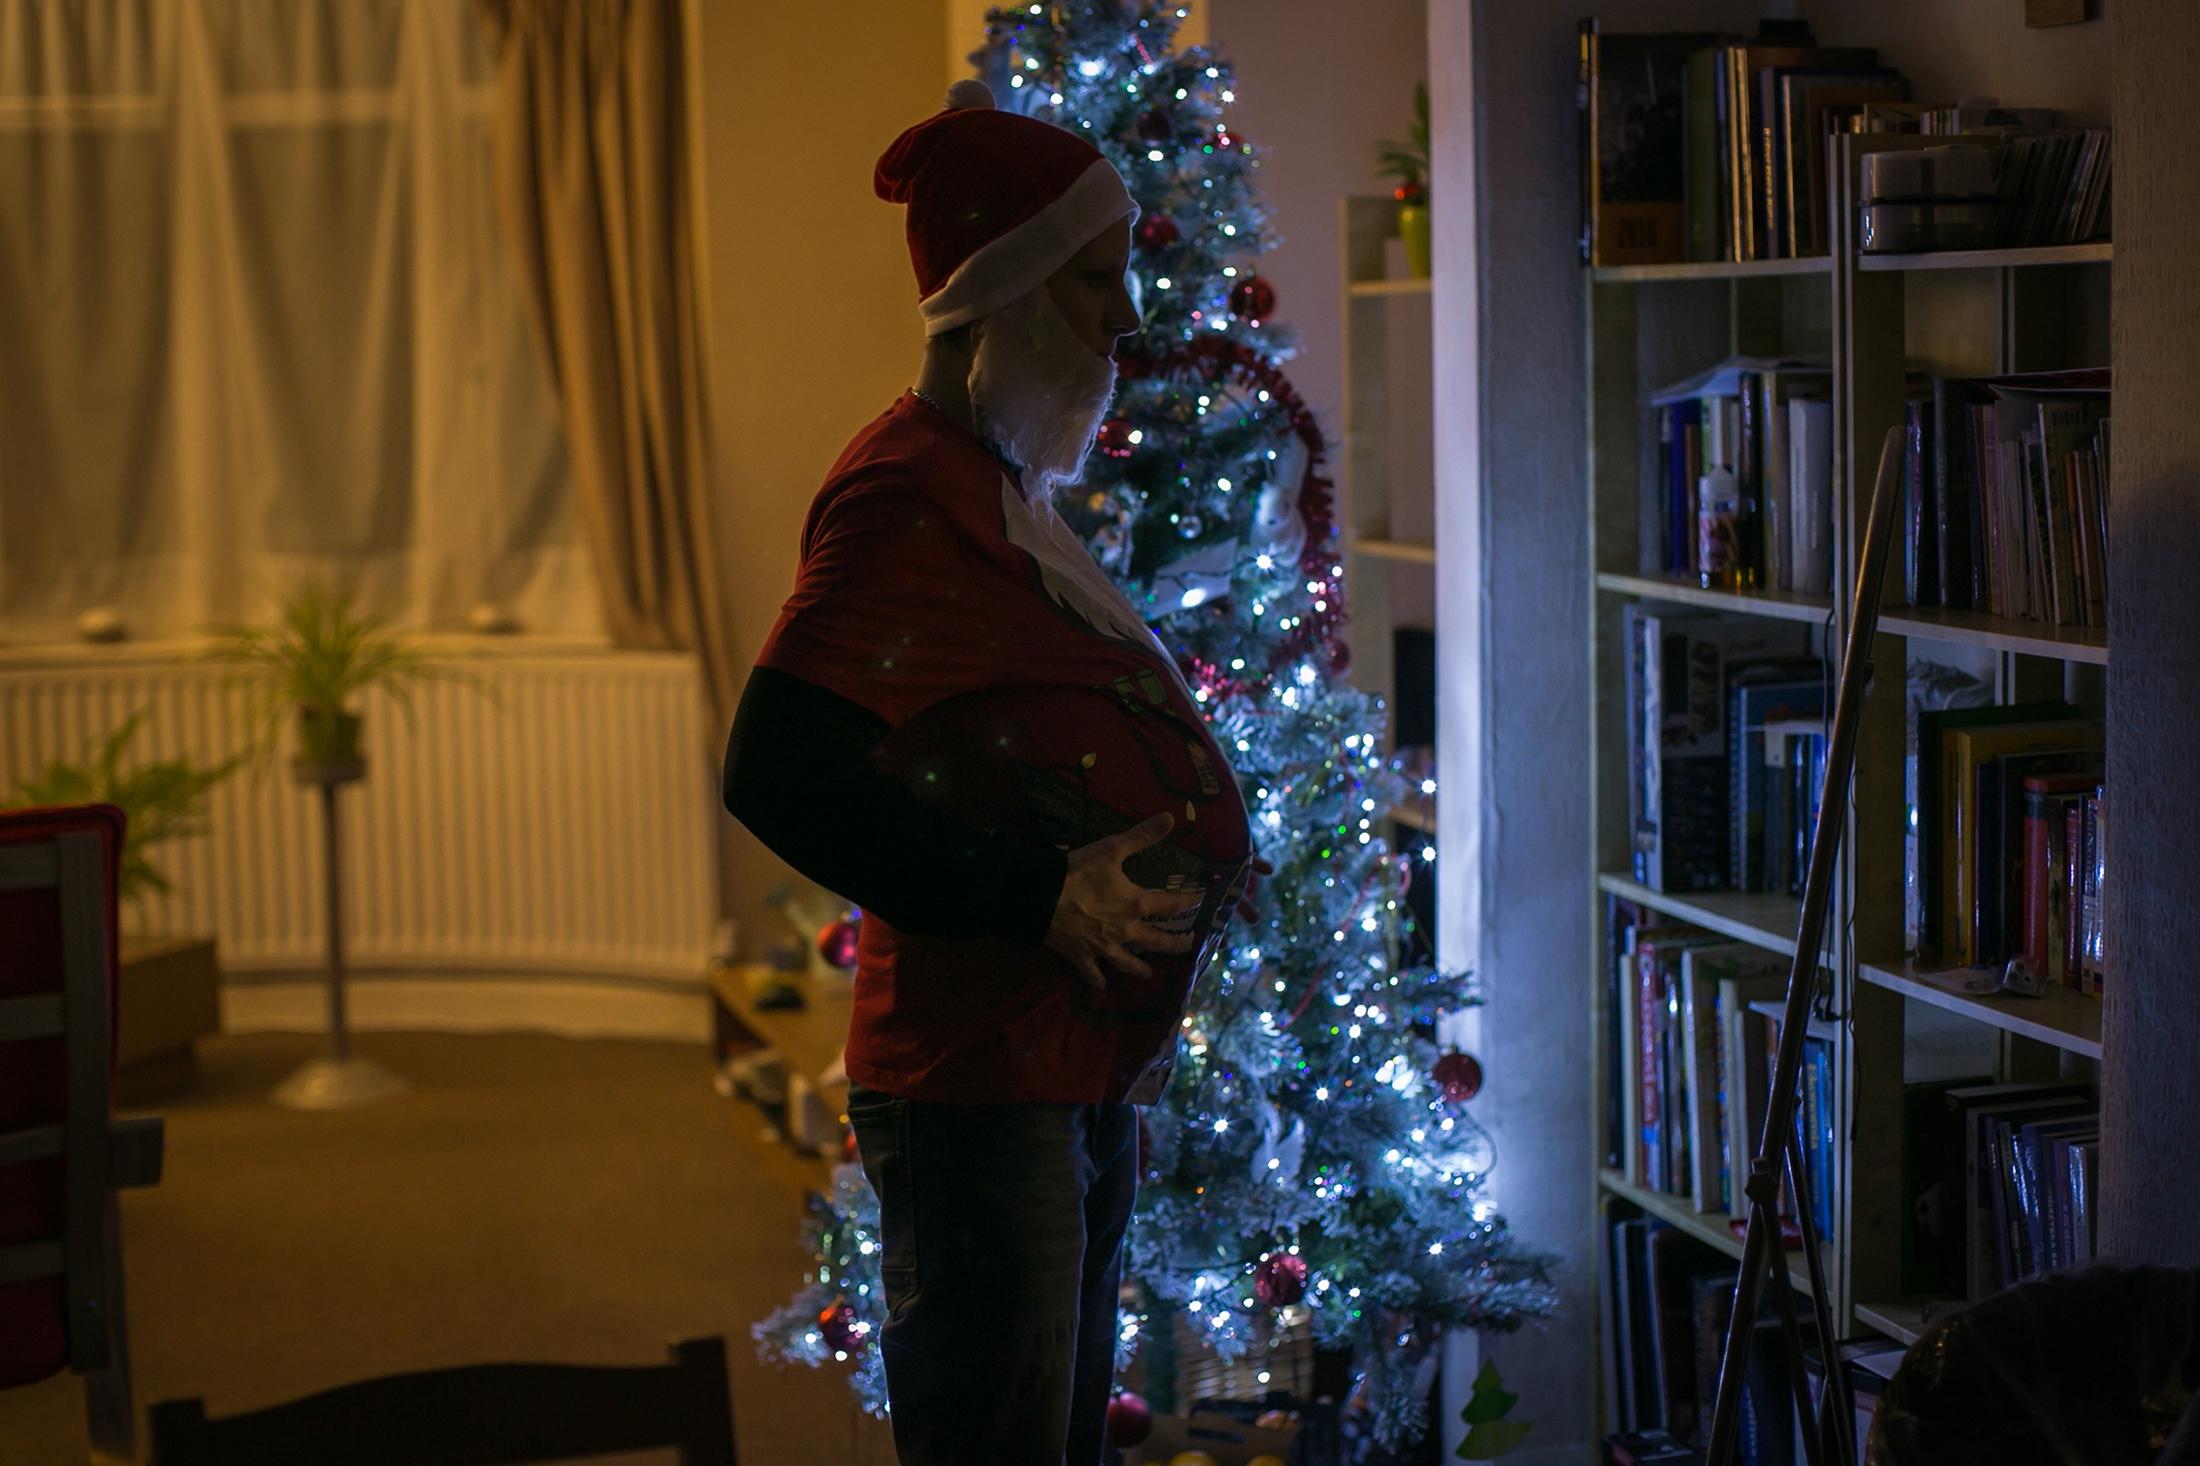 Agnieszka as Santa Claus in Leamington Spa. December 2018